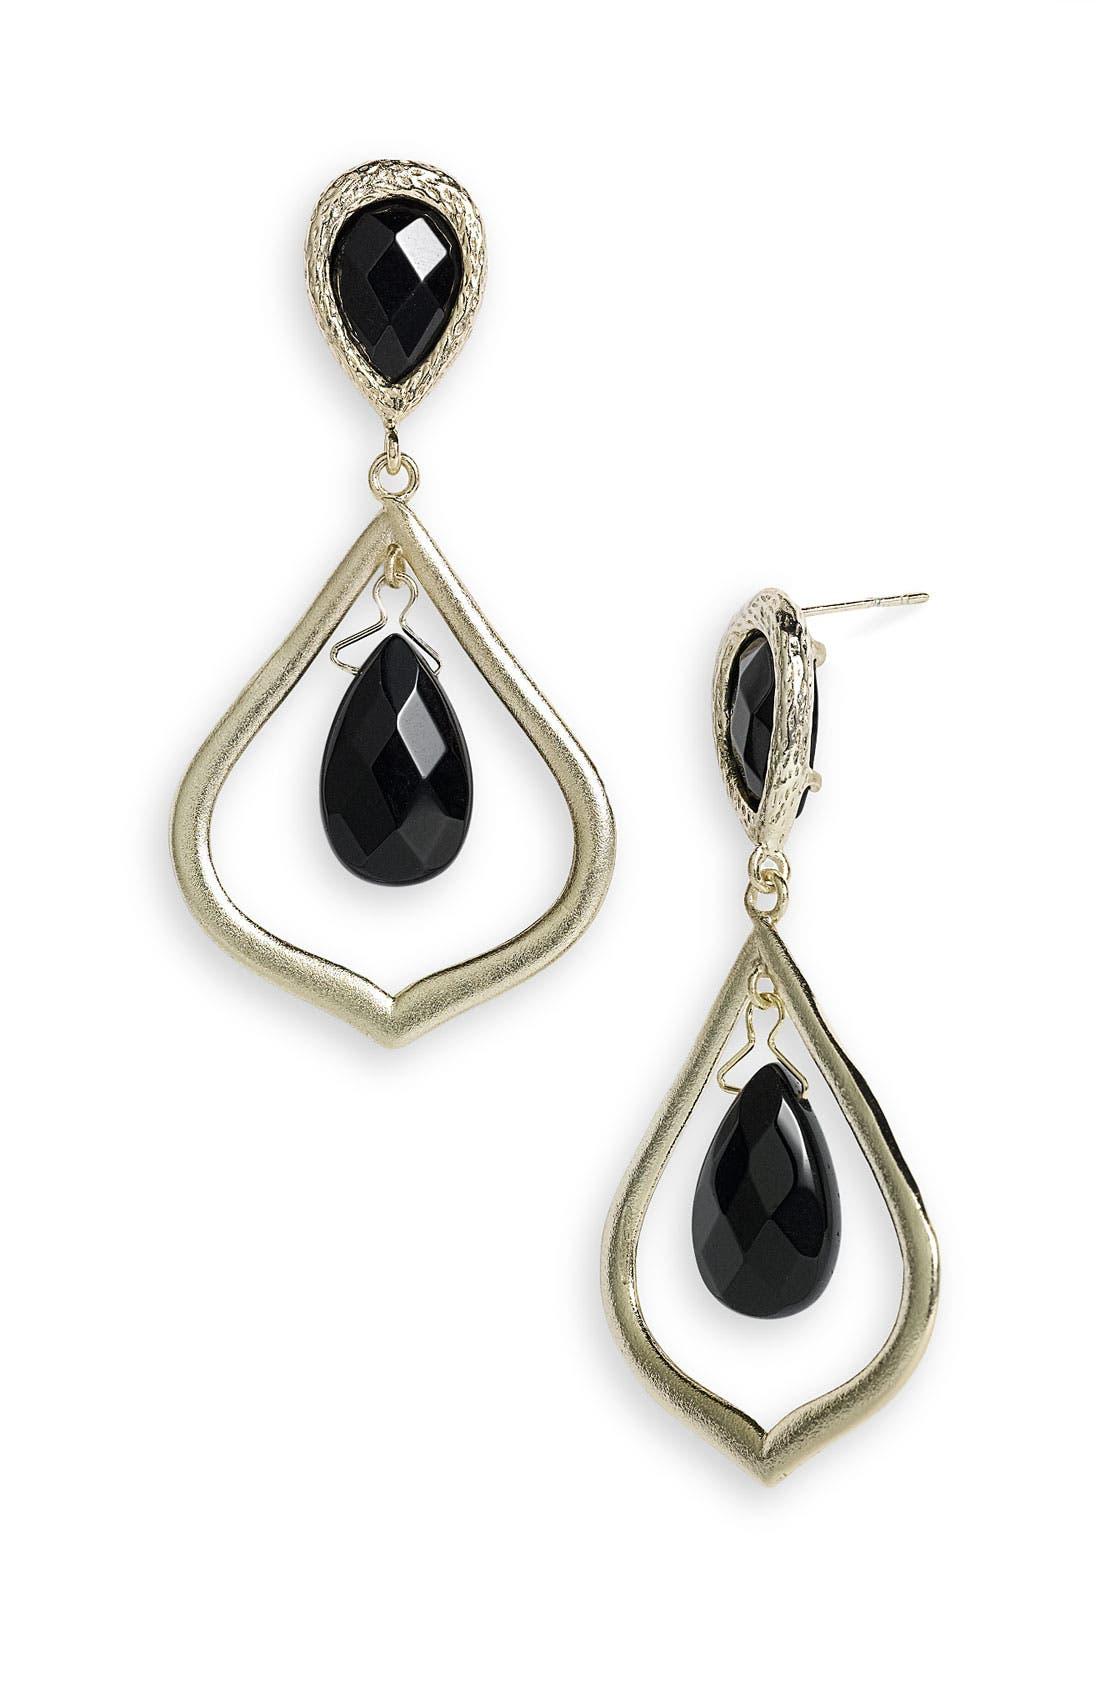 Alternate Image 1 Selected - Kendra Scott 'Ryanne' Open Teardrop Statement Earrings